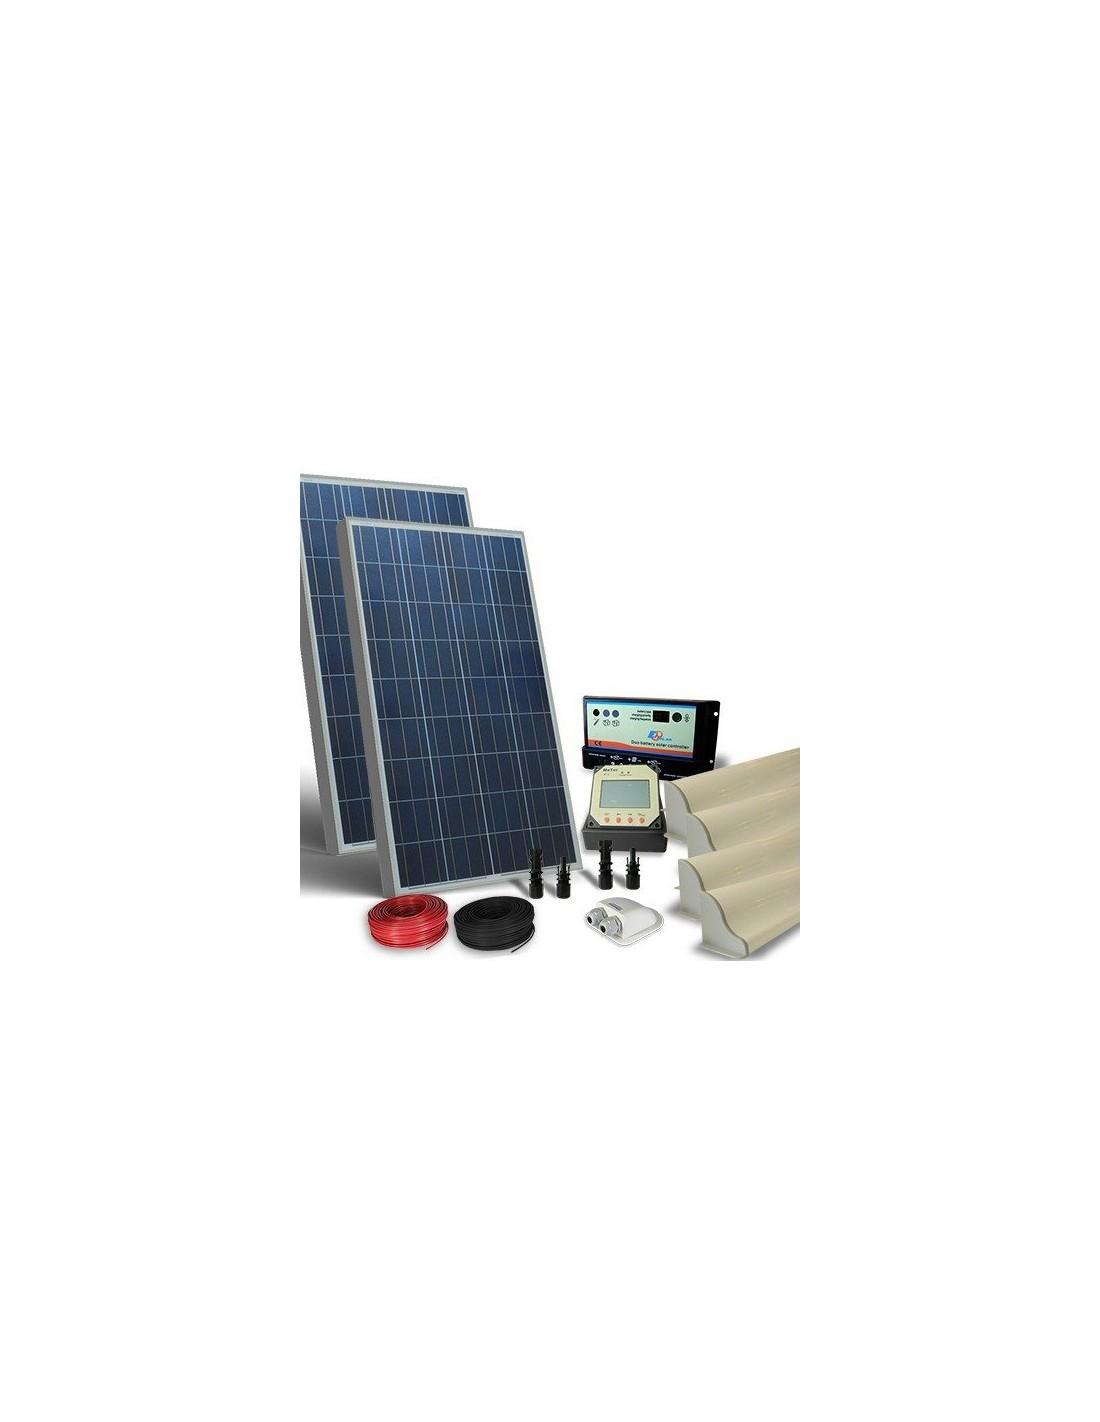 solar kit camper 160w 12v pro photovoltaic panel. Black Bedroom Furniture Sets. Home Design Ideas